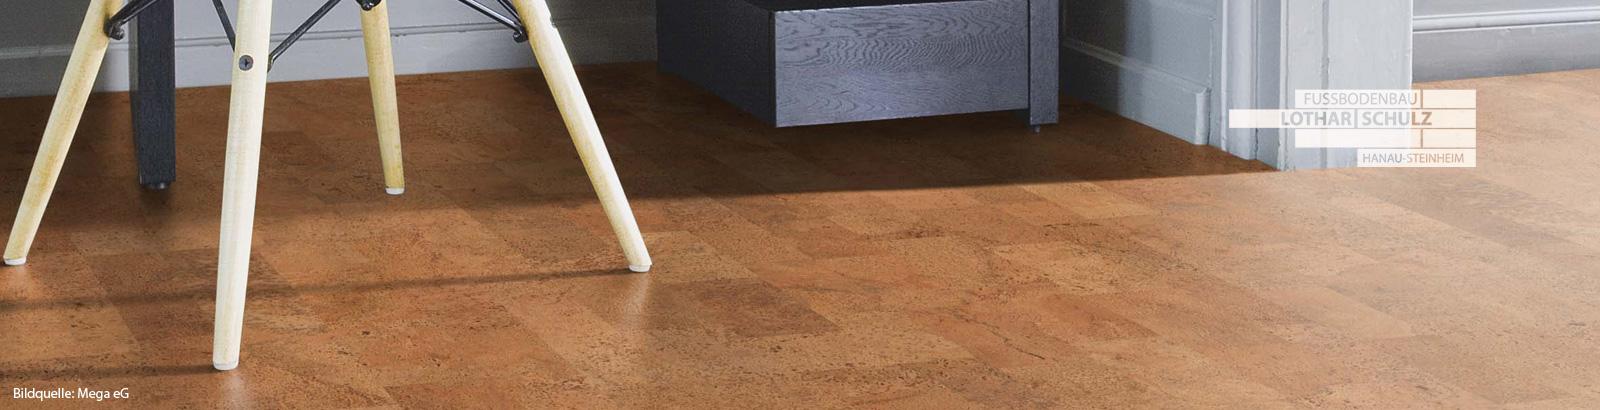 reinigung und pflege von kork fussbodenbau lothar schulz. Black Bedroom Furniture Sets. Home Design Ideas